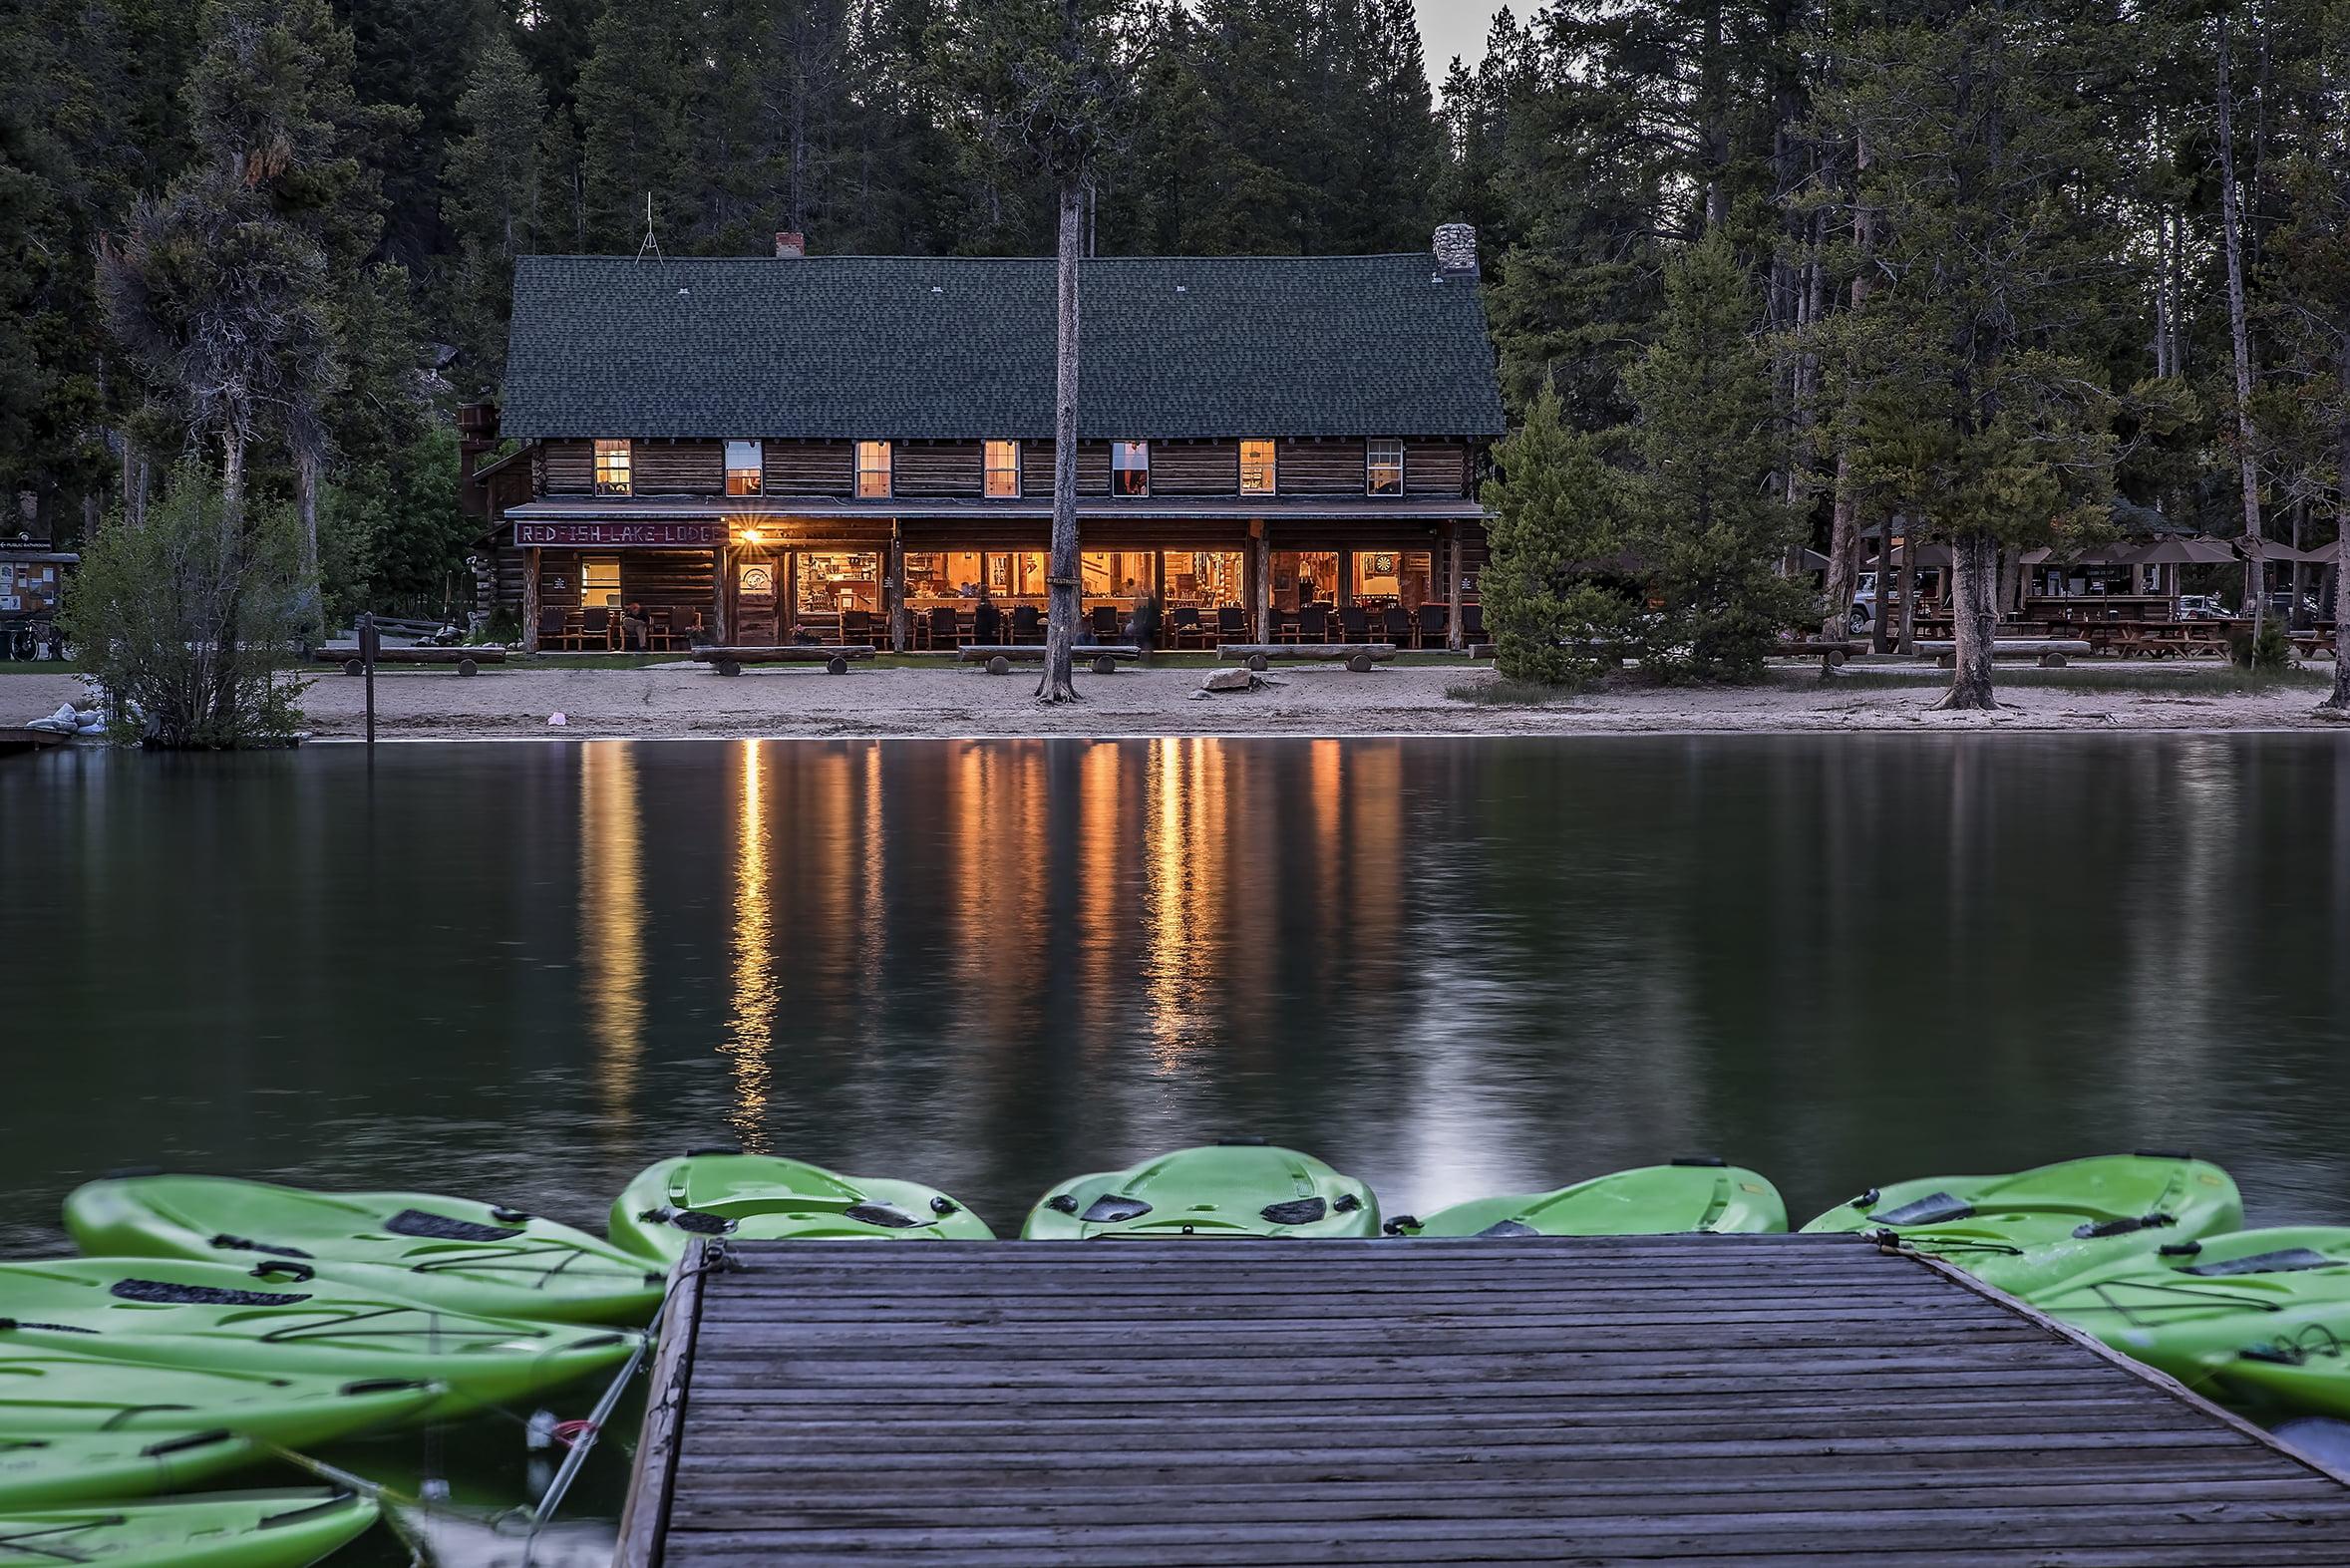 lake view and kayaks